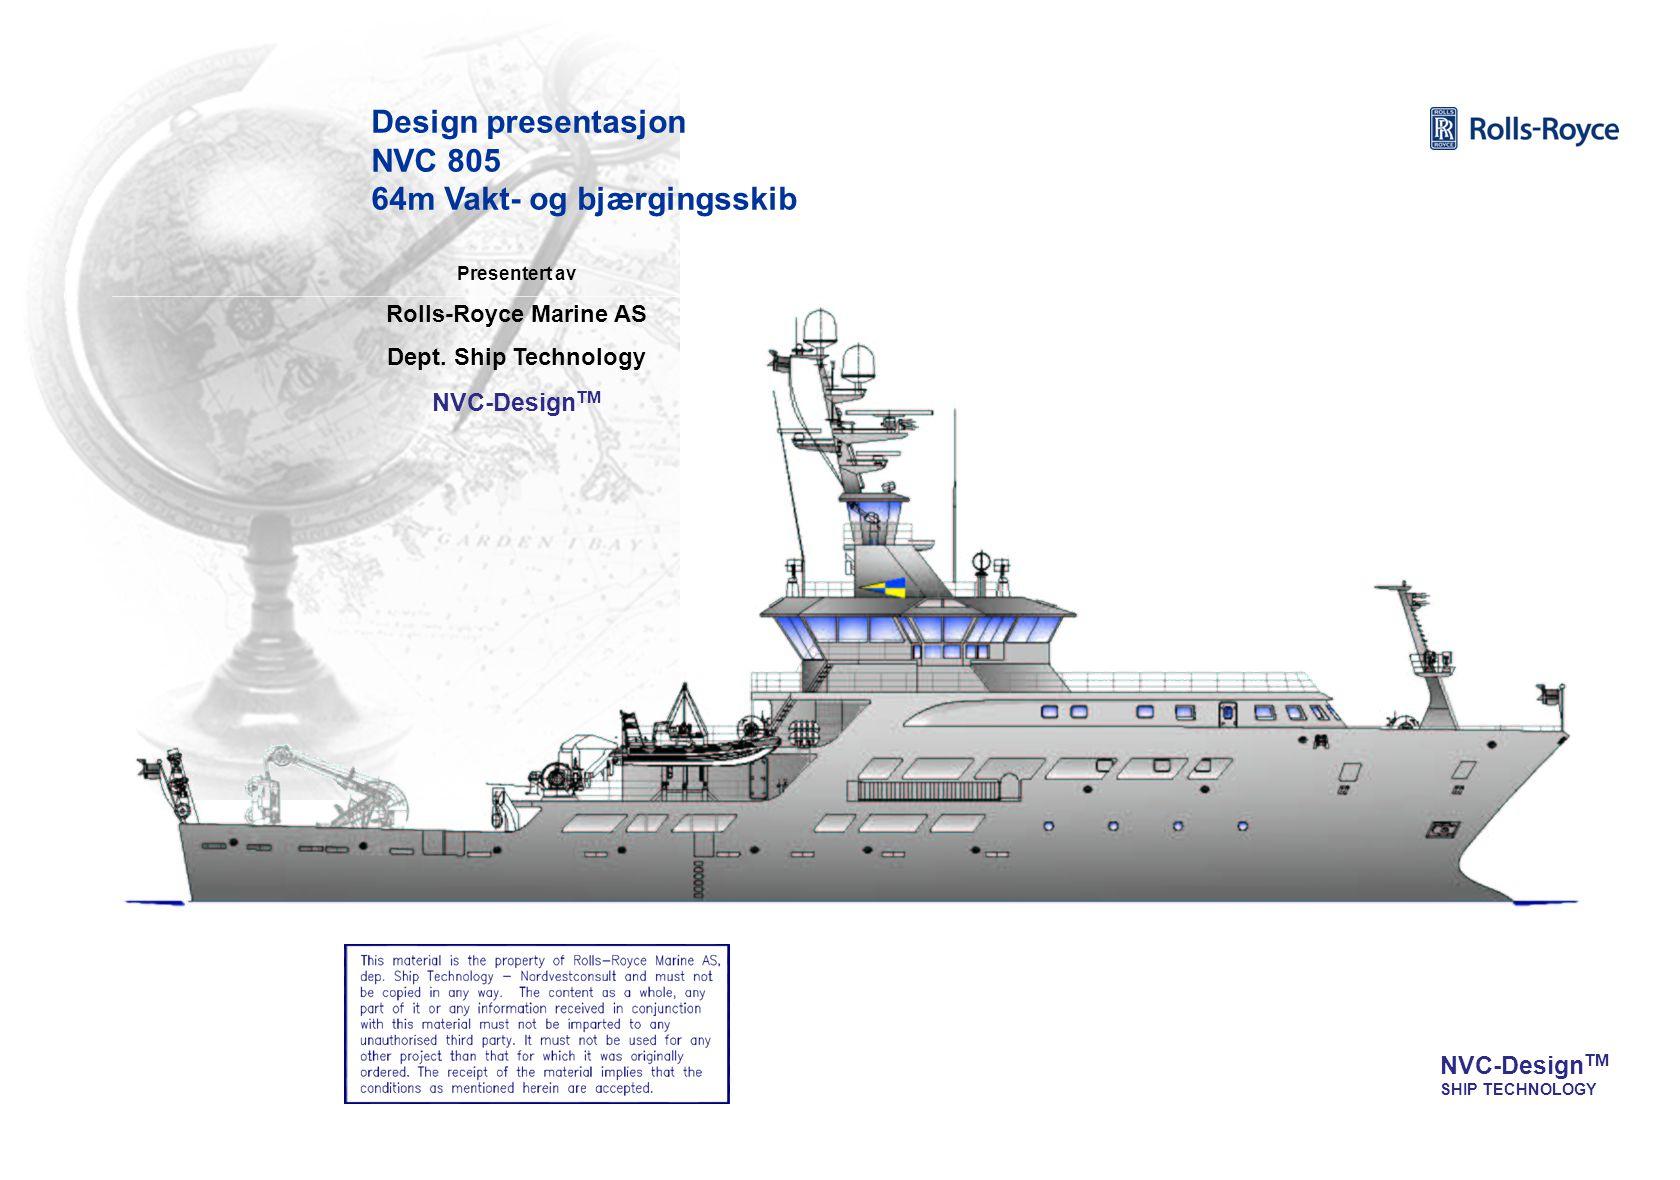 NVC-Design TM SHIP TECHNOLOGY INNHOLDSFORTEGNELSE Generell beskrivelse Design vurderinger Azipull Presentasjon av General Arrangement KYSTVAKTFARTØY NVC 805